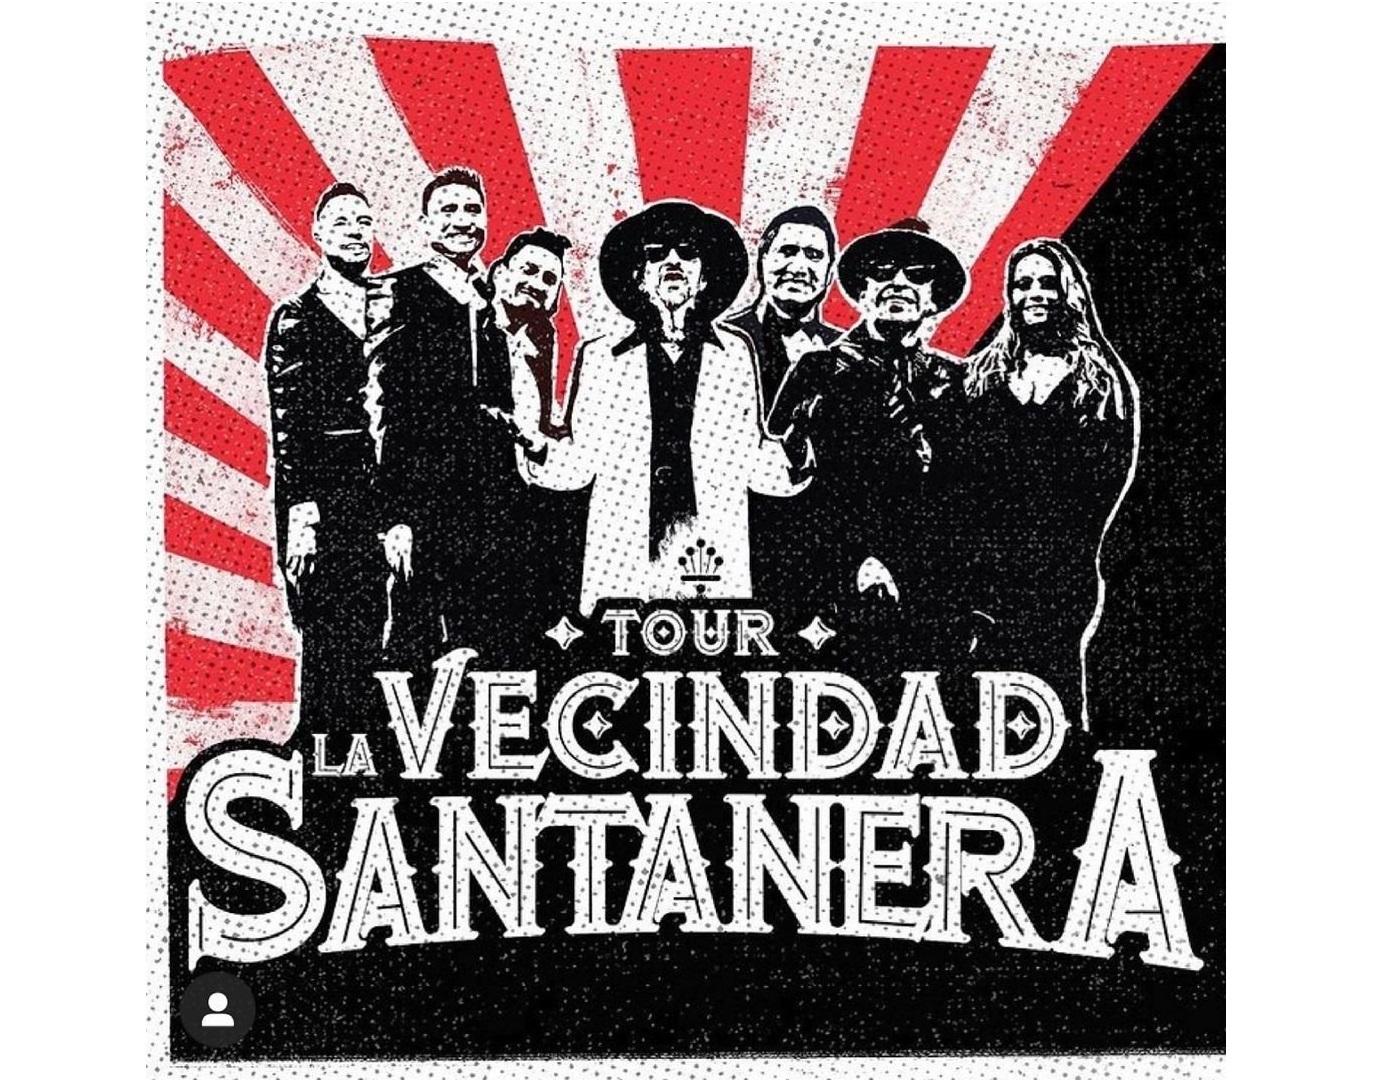 Confirmada la Sonora Santanera para el 15 de septiembre en Puebla